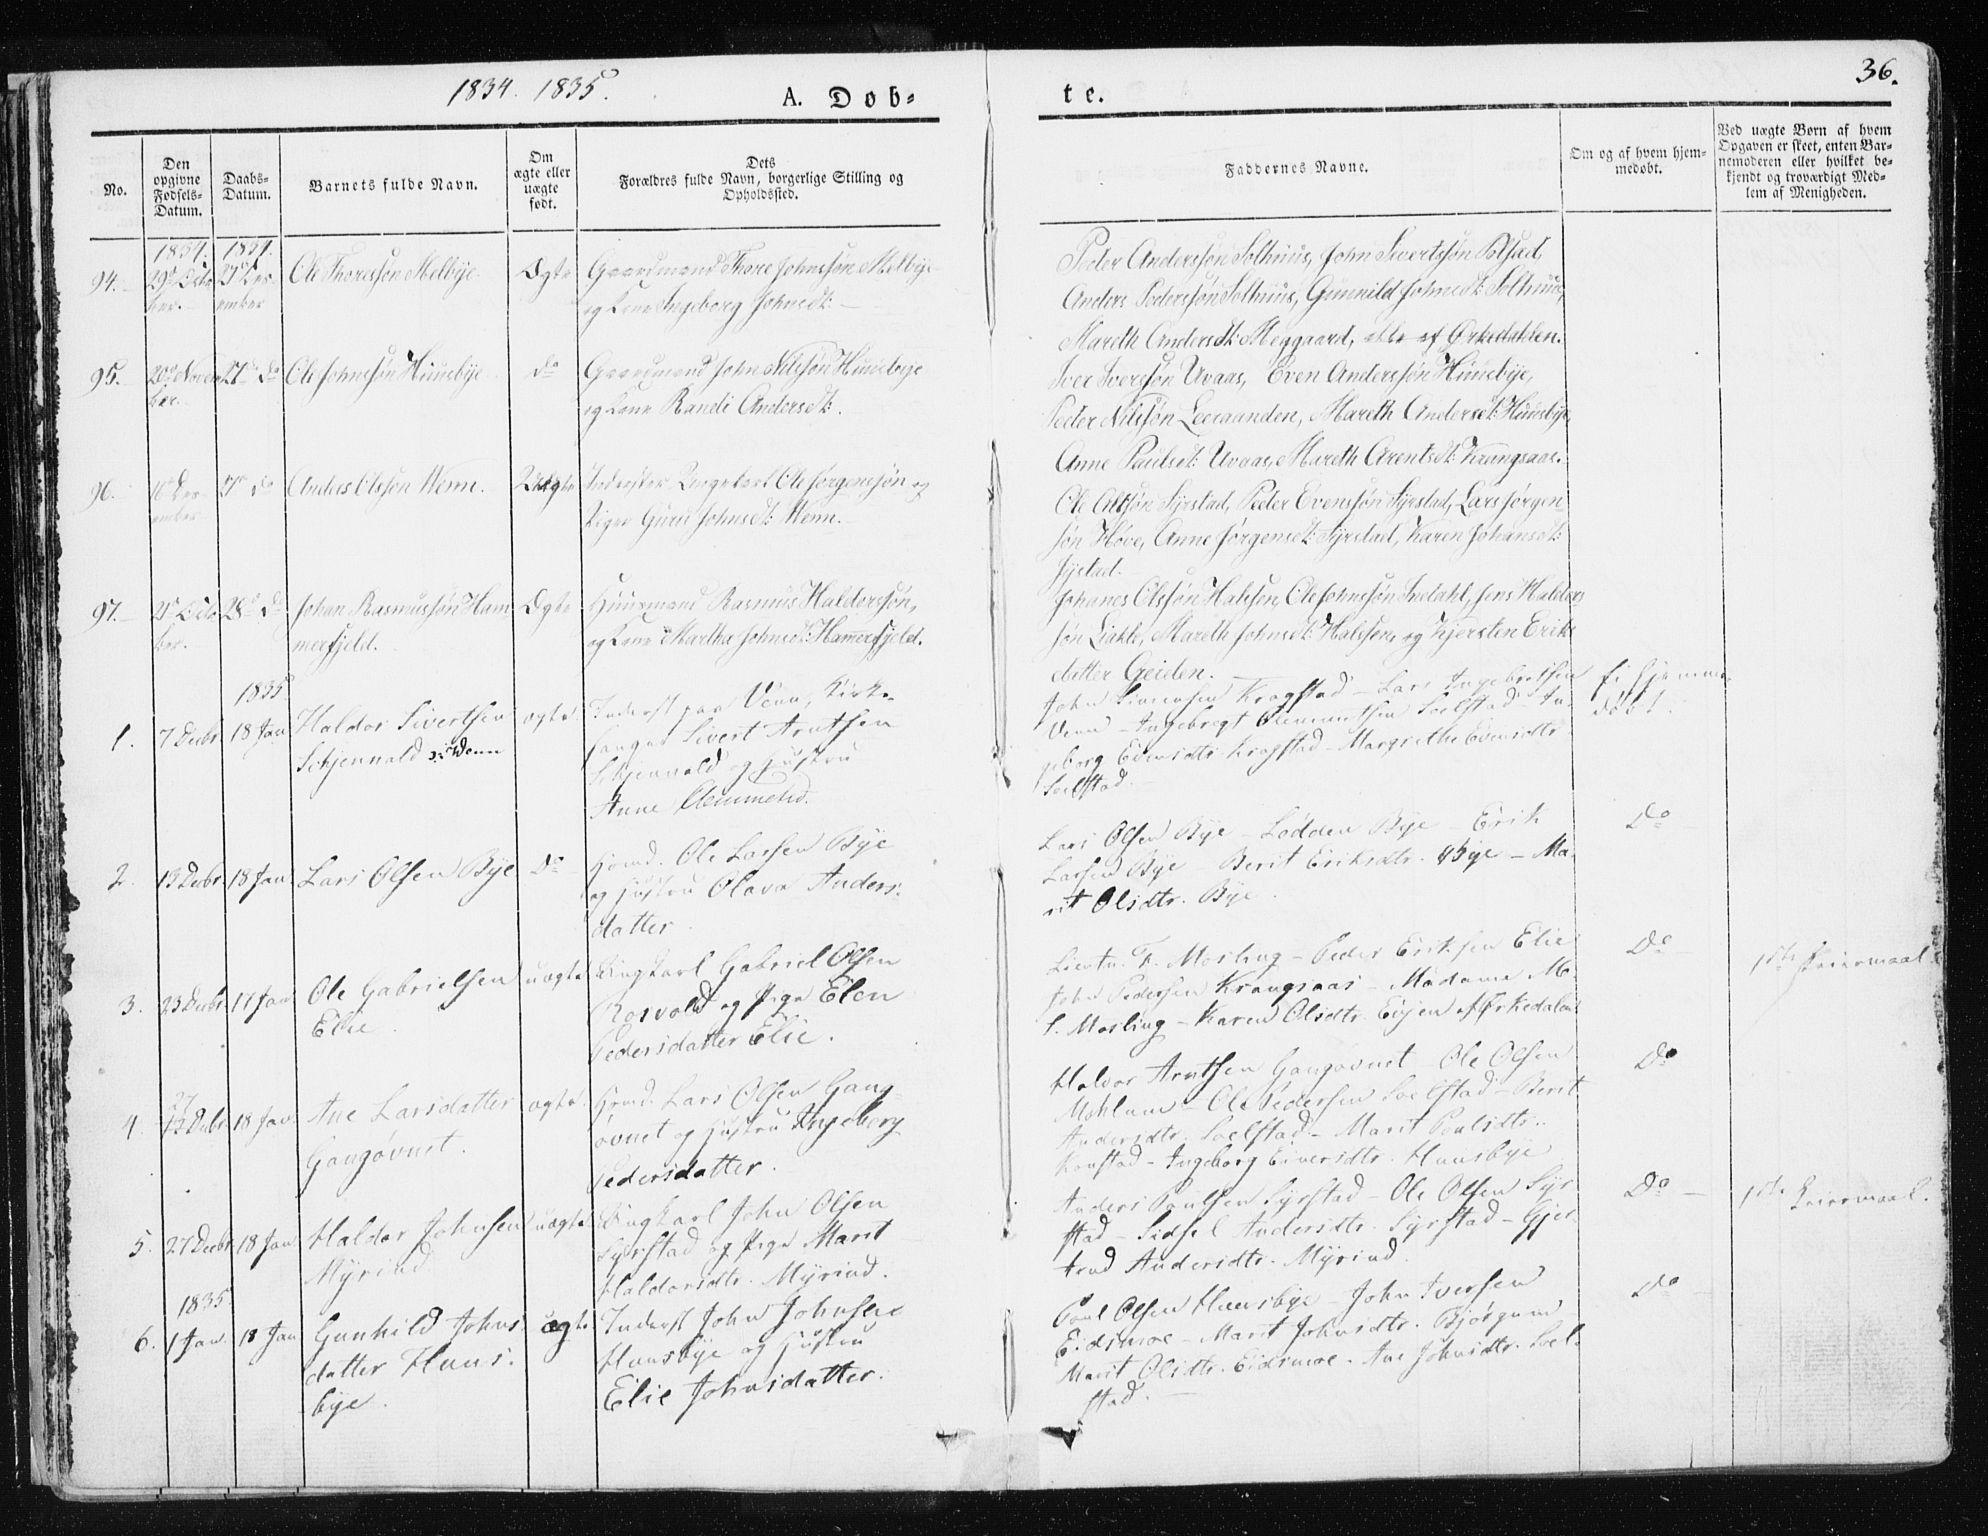 SAT, Ministerialprotokoller, klokkerbøker og fødselsregistre - Sør-Trøndelag, 665/L0771: Ministerialbok nr. 665A06, 1830-1856, s. 36